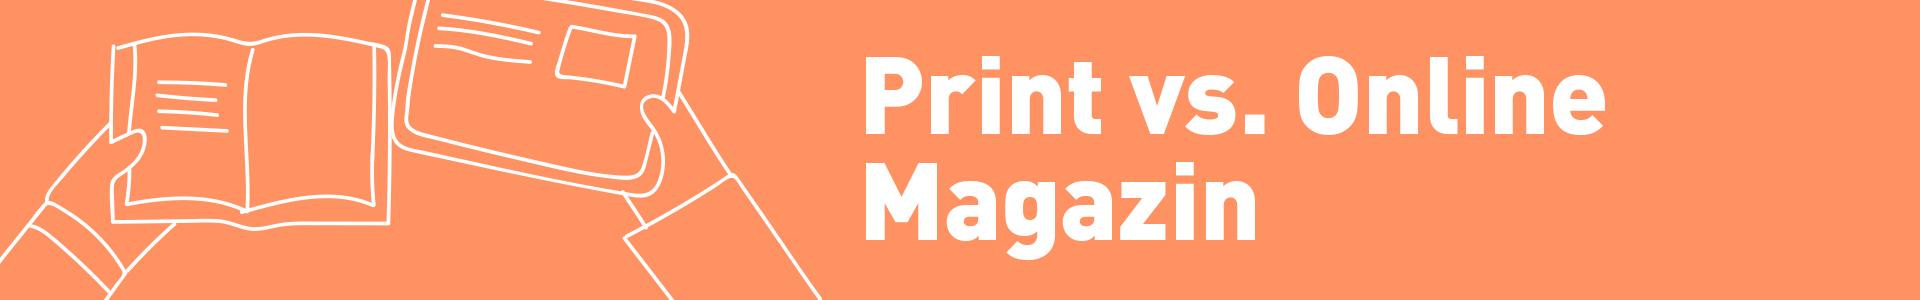 Print vs. Online Magazine